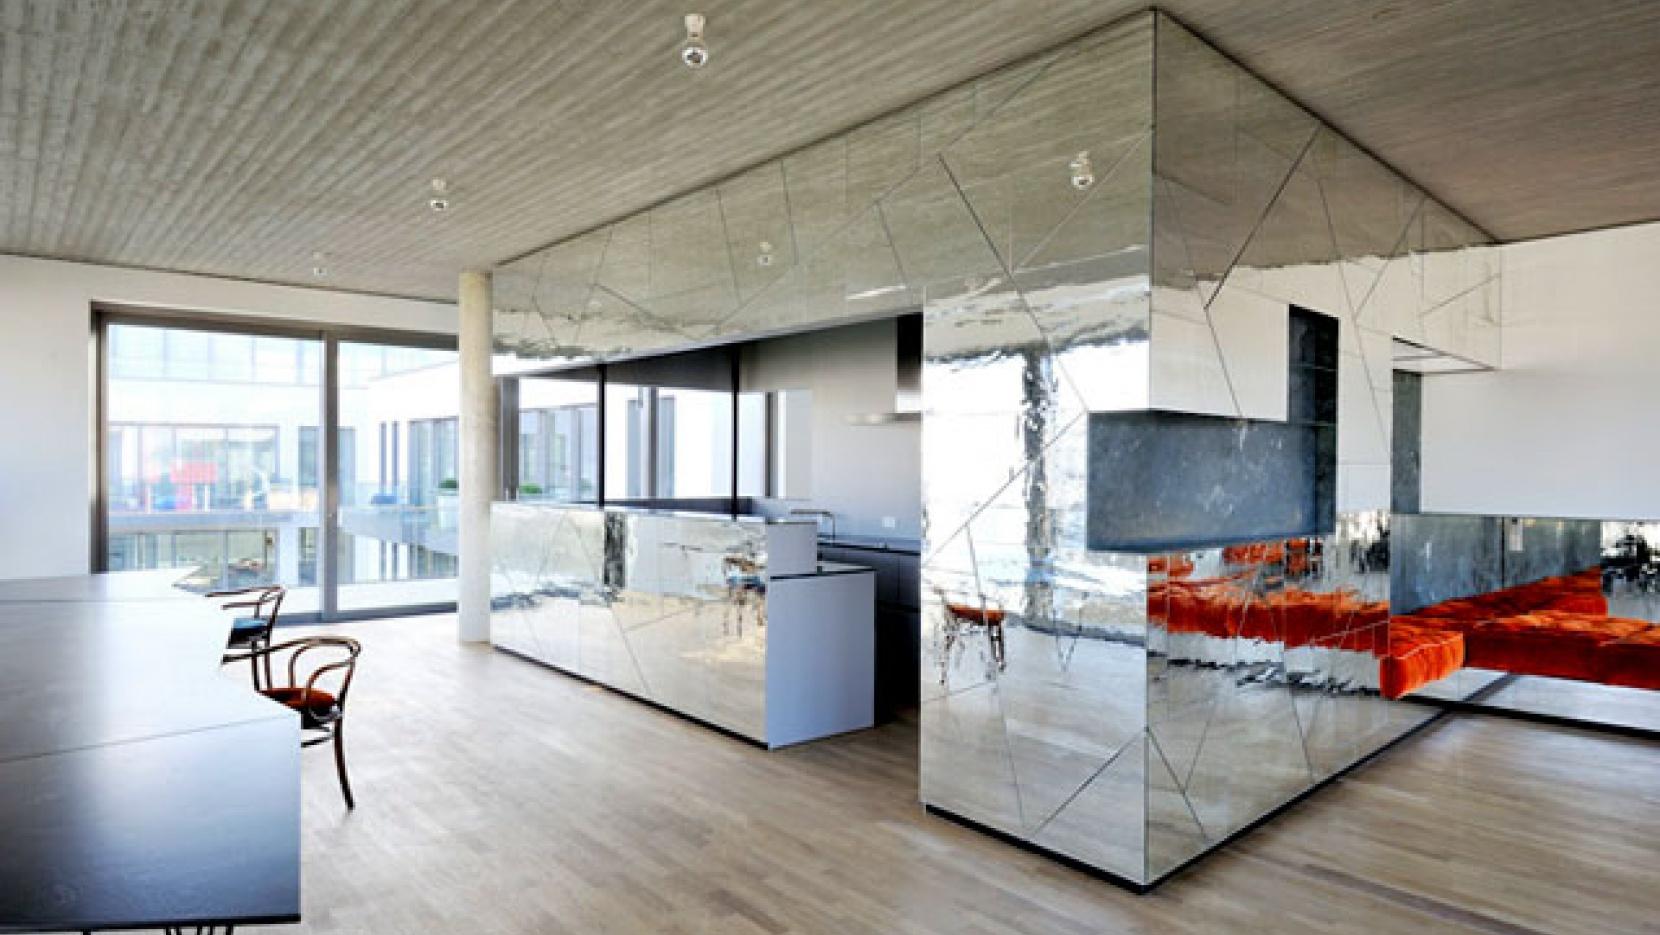 A Penthouse In Berlin By LecaroliMited (Oskar Kohnen U0026 Fabian Freytag) |  Yatzer